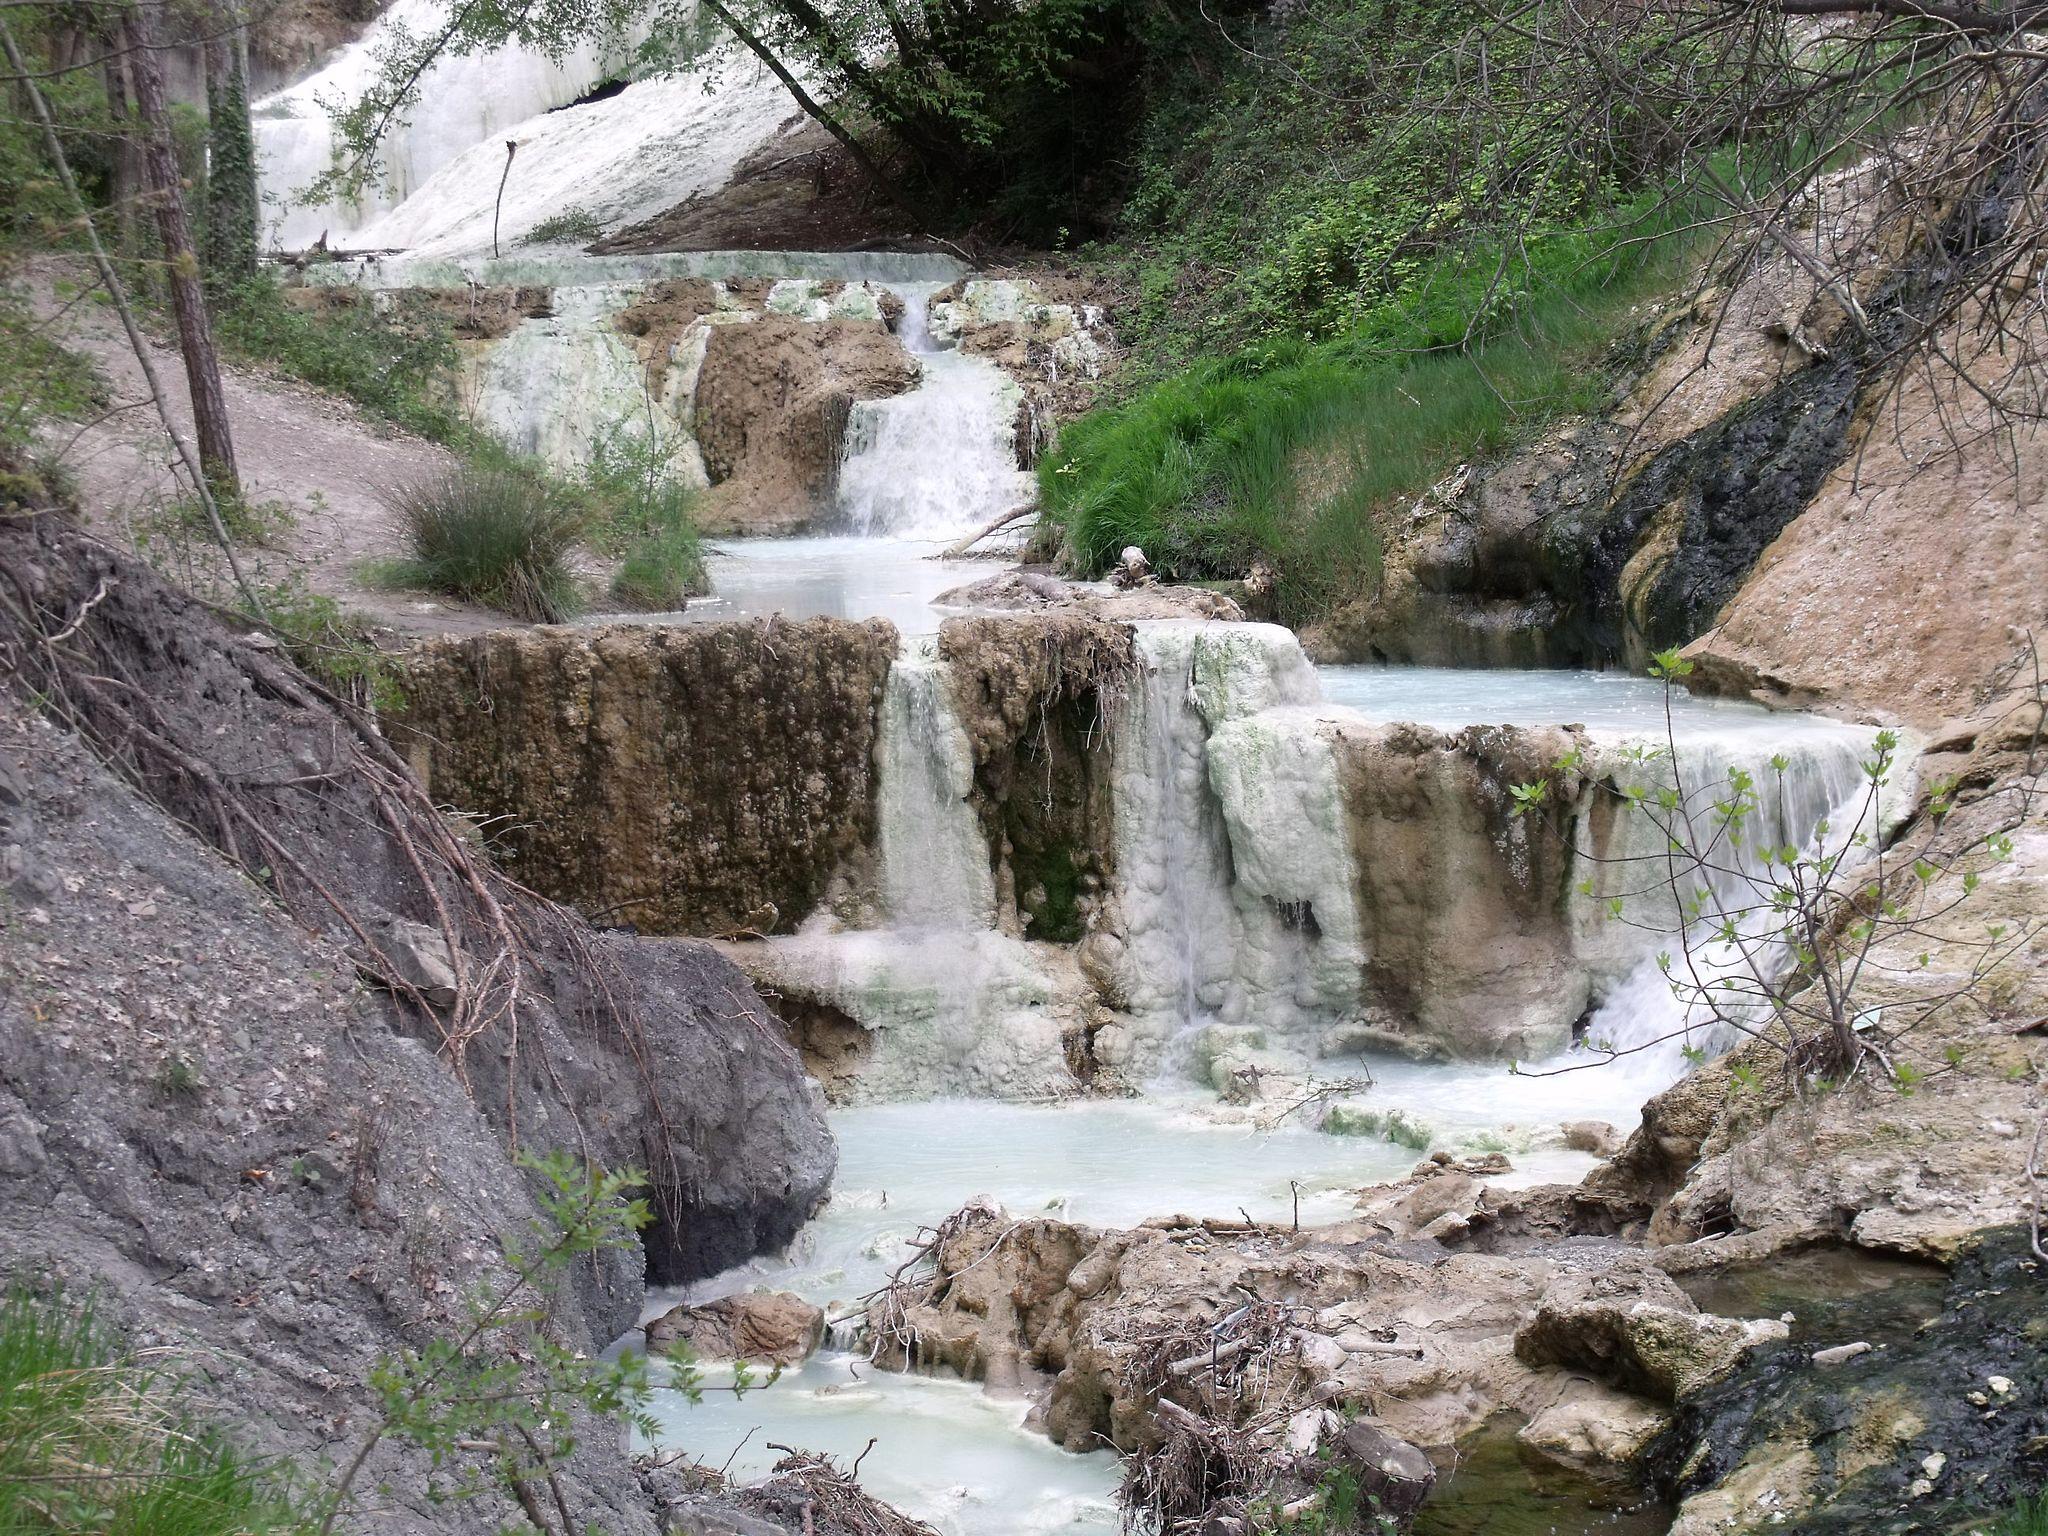 Bagni san filippo castiglione d 39 orcia travel guide for tuscany - Bagni san filippo terme ...